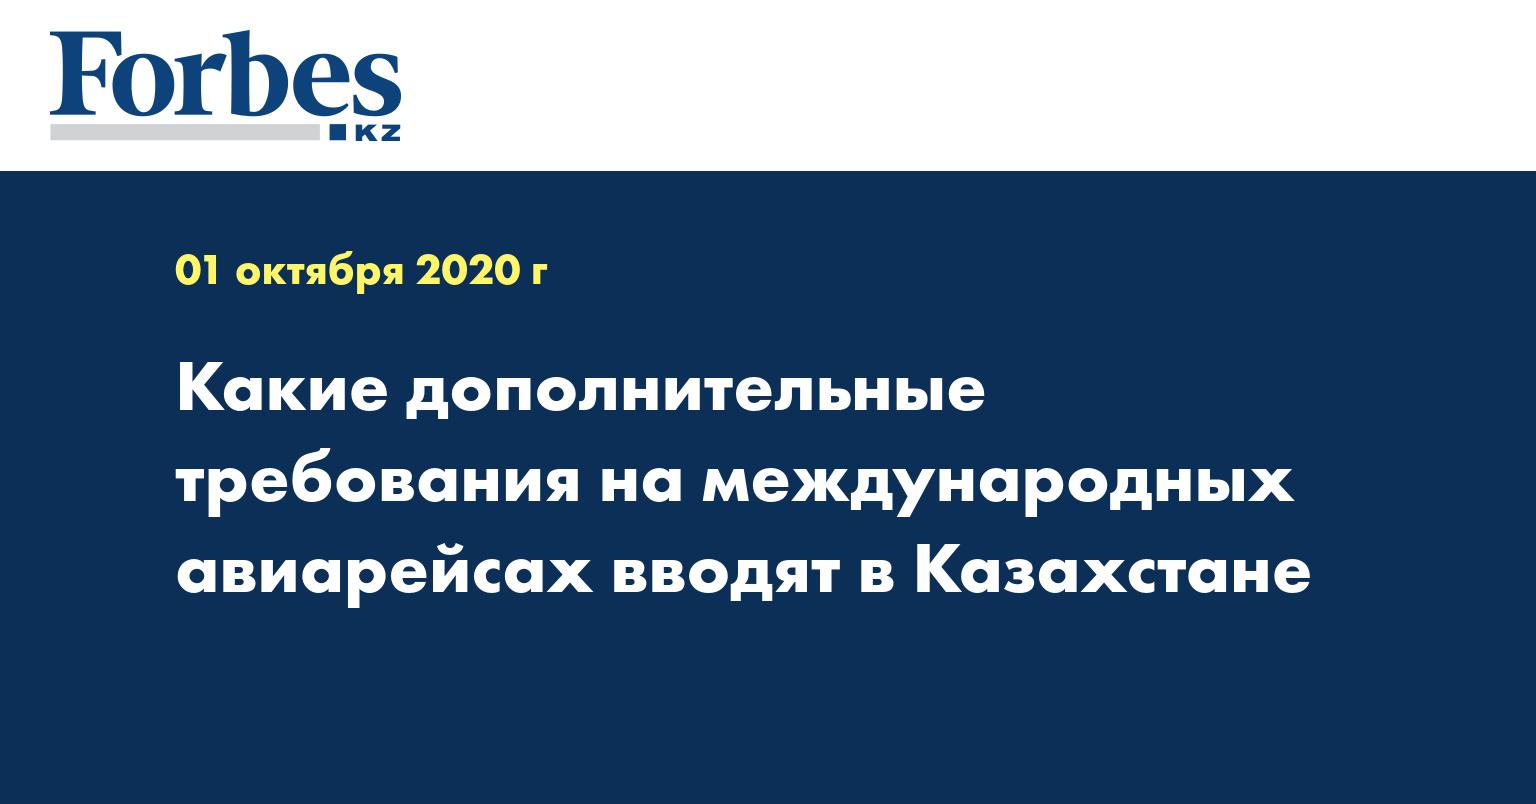 Какие дополнительные требования на международных авиарейсах вводят в Казахстане